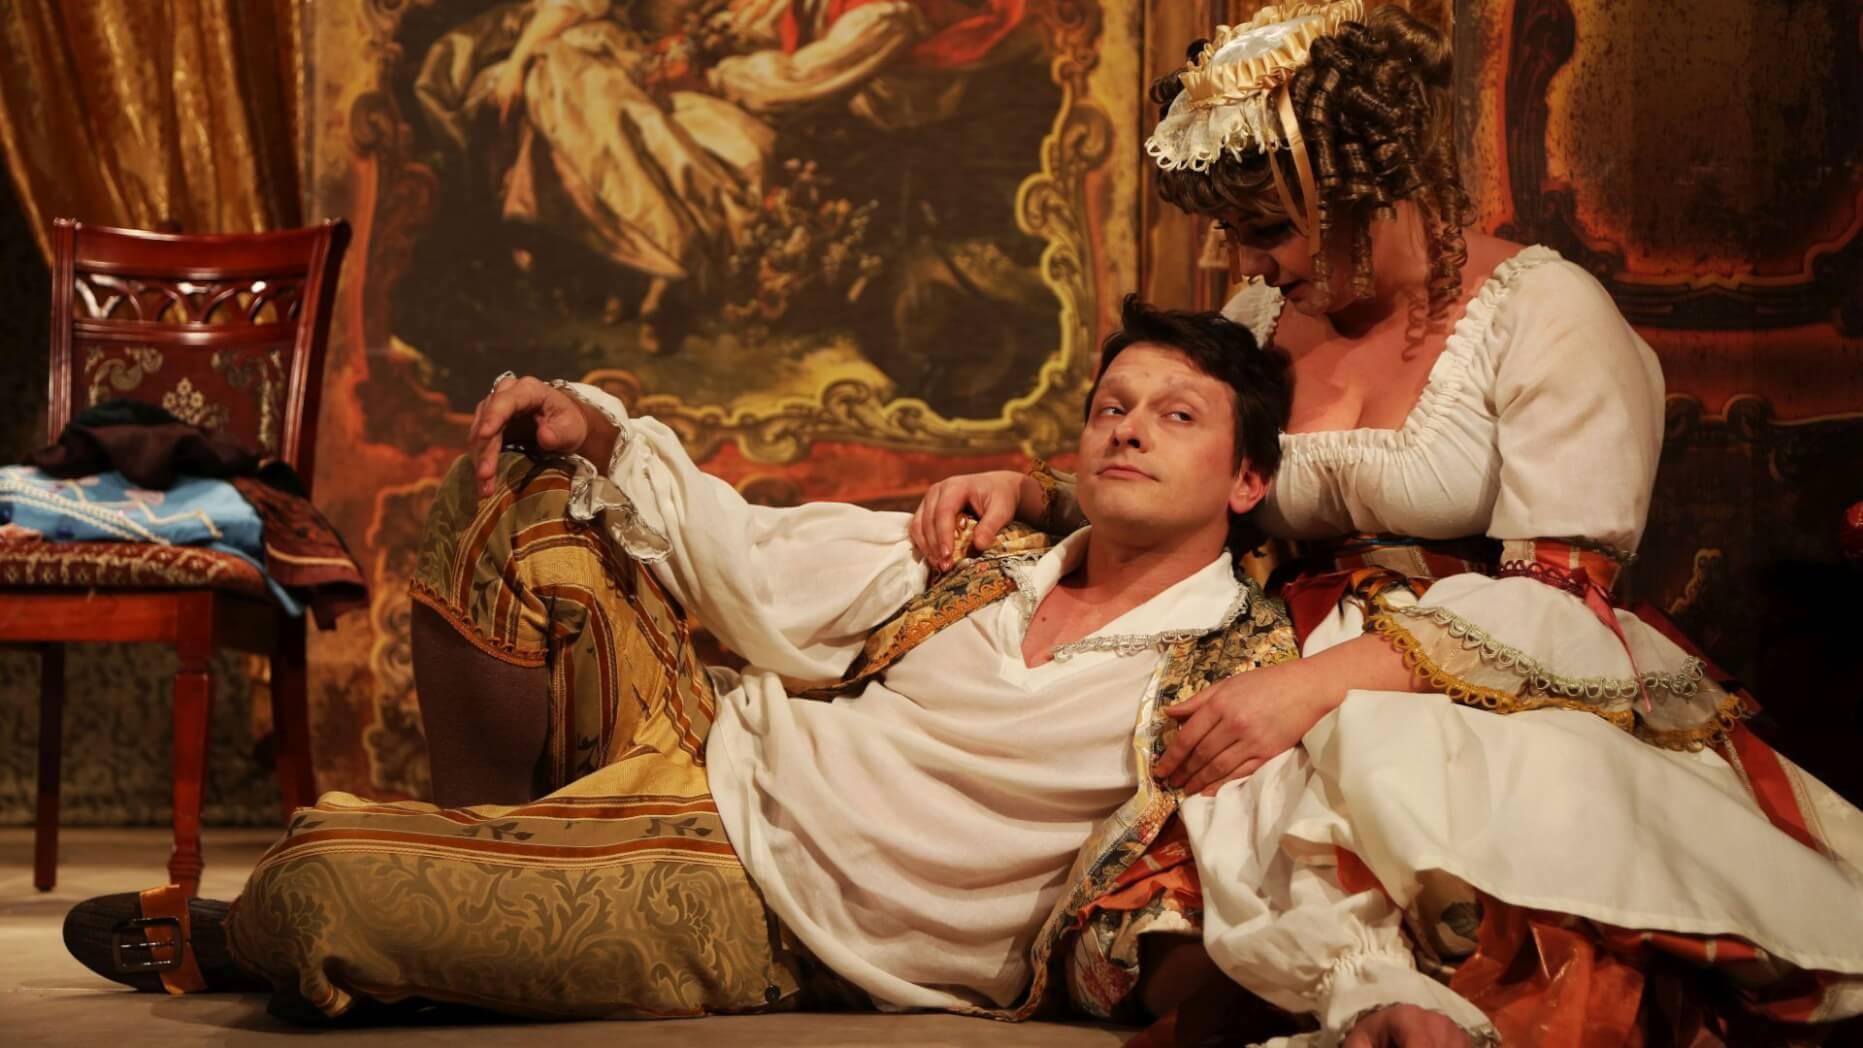 ТЮЗ приглашает зрителей в путешествие по Голландии XVIII века